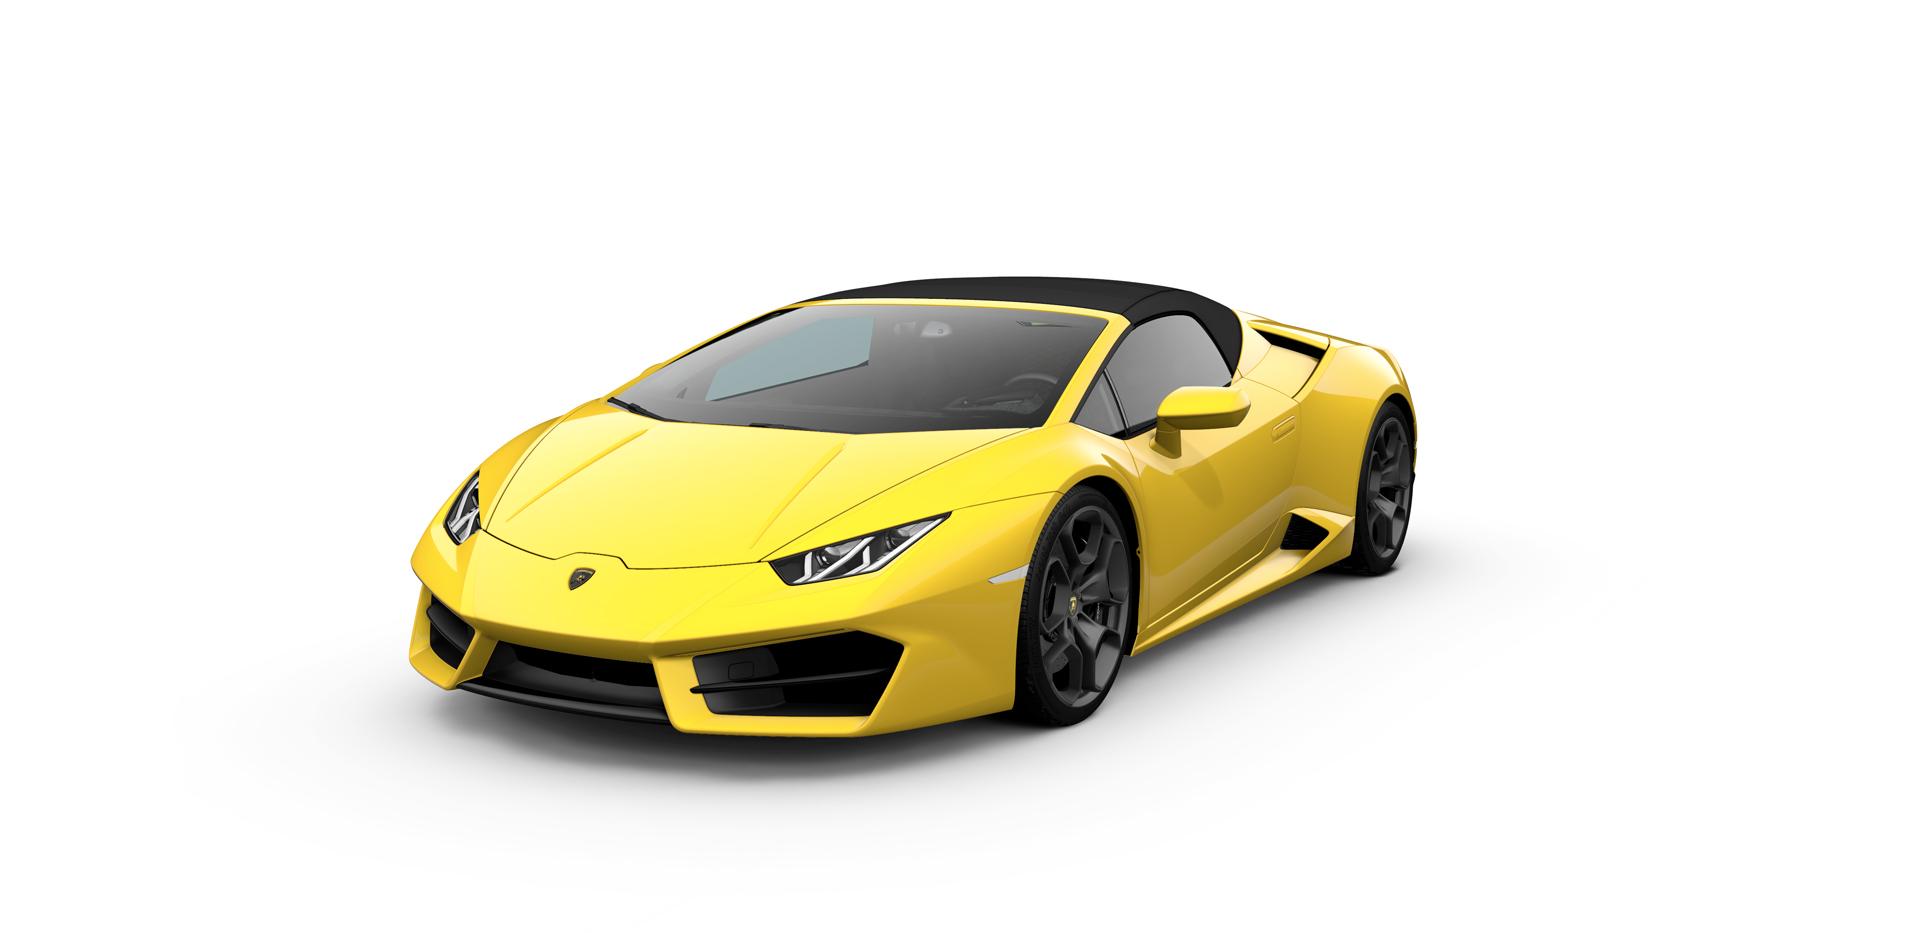 Assurance Lamborghini Huracan rwd spyder